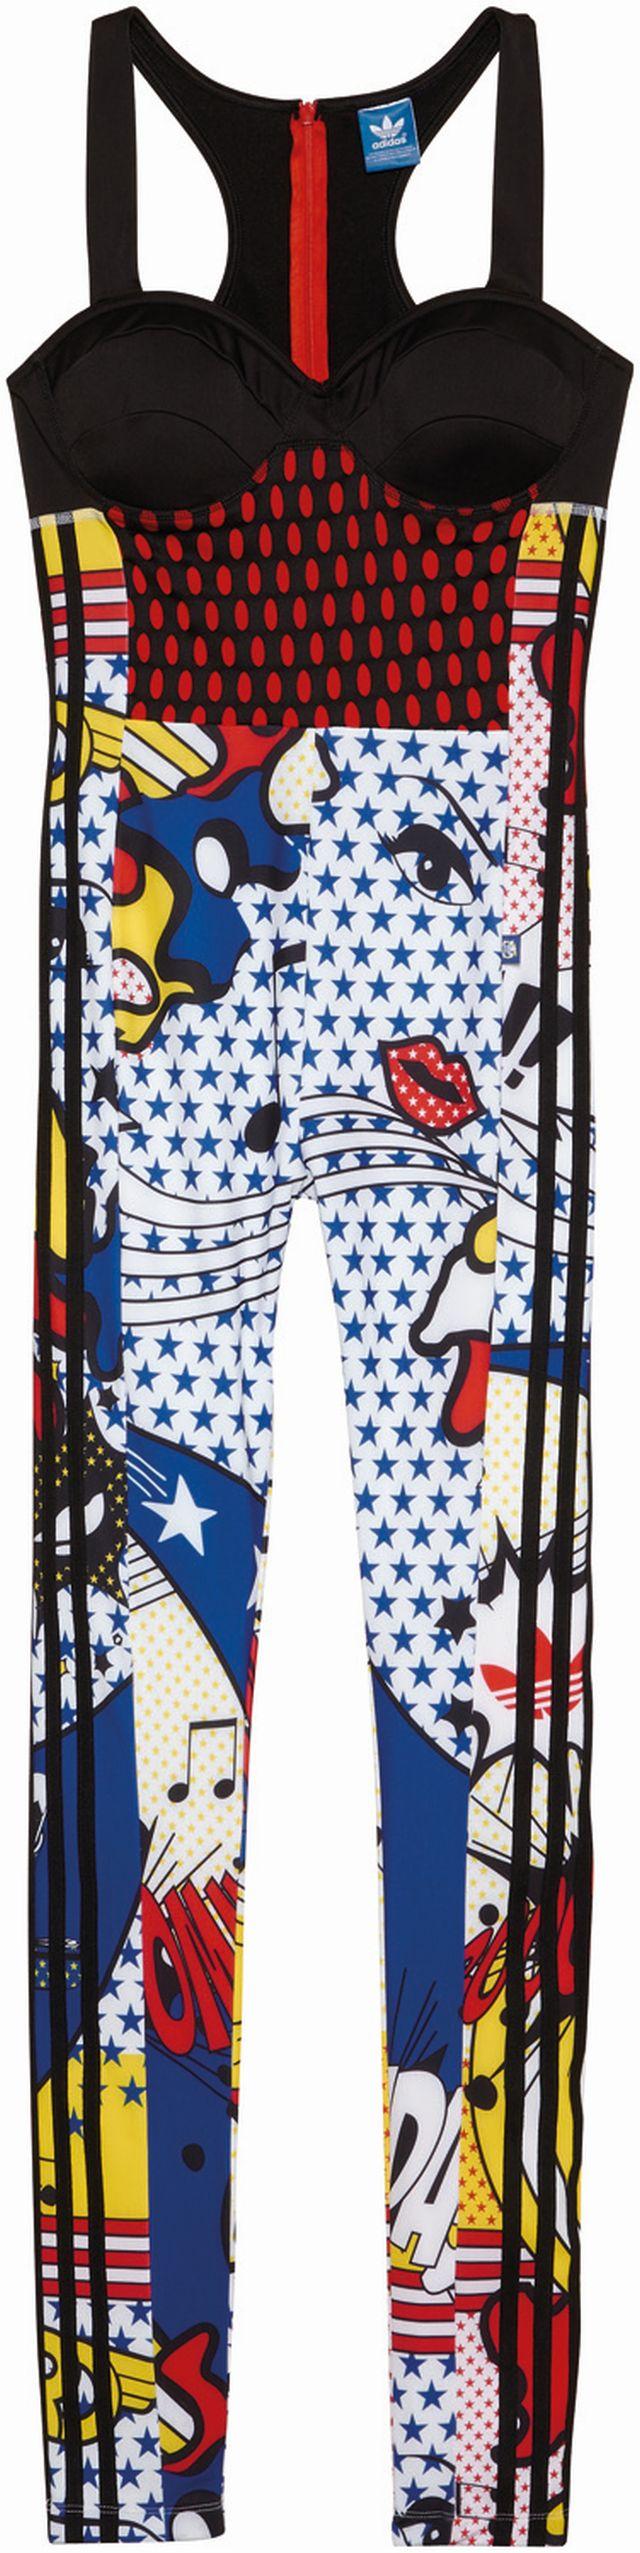 97eac388eb2 ... Rita Ora x Adidas Originals Super drop collectie ...